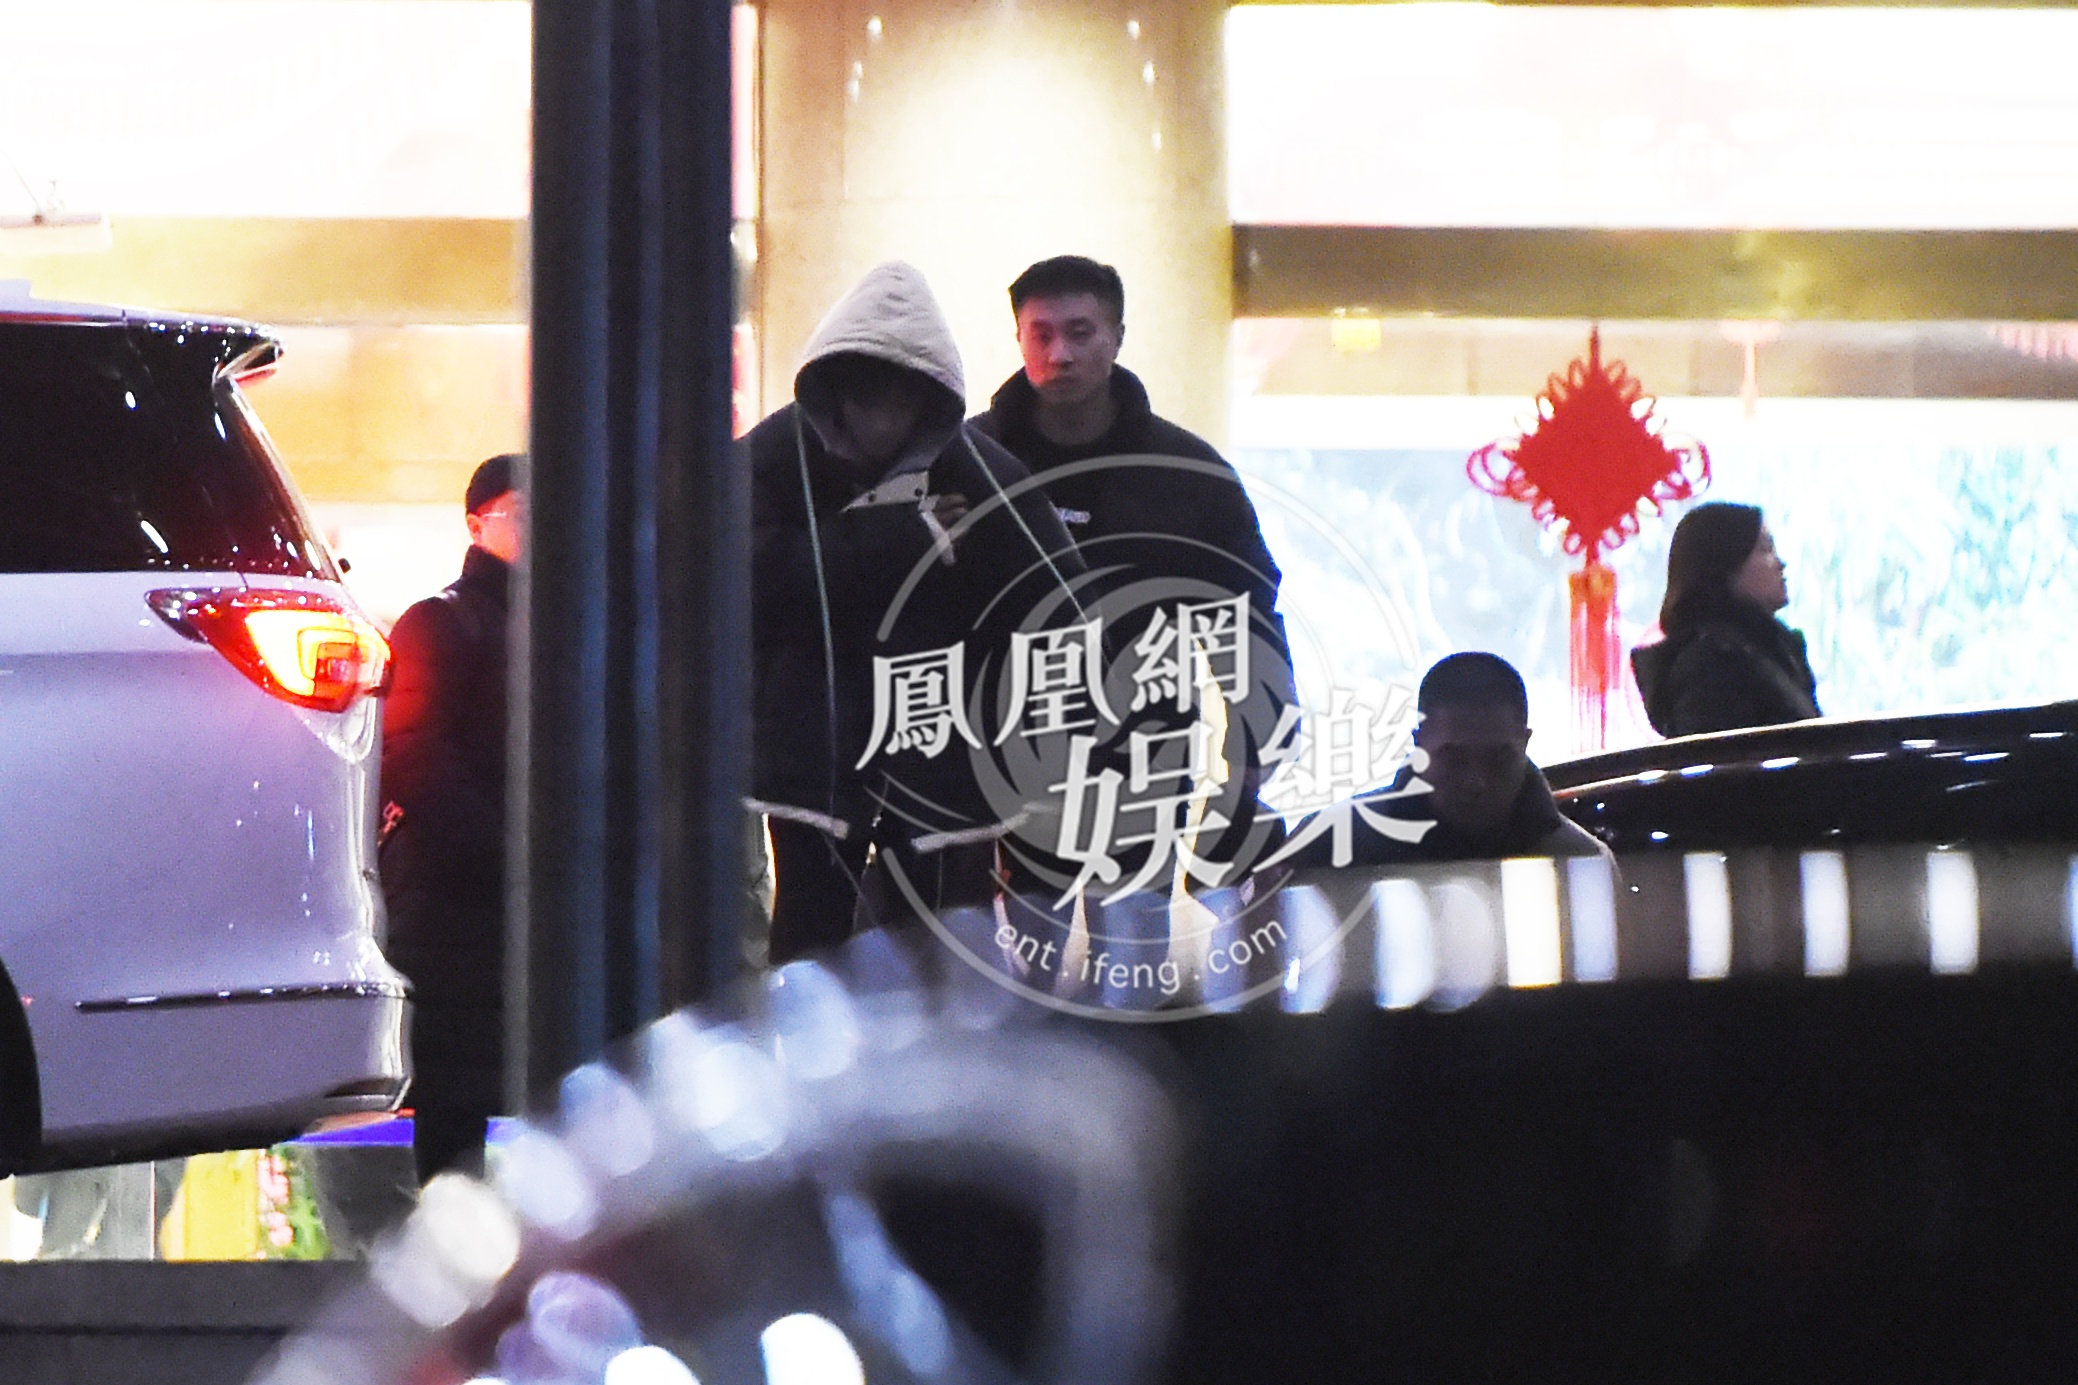 易烊千玺或与罗志祥同台央视春晚 合作表演舞蹈